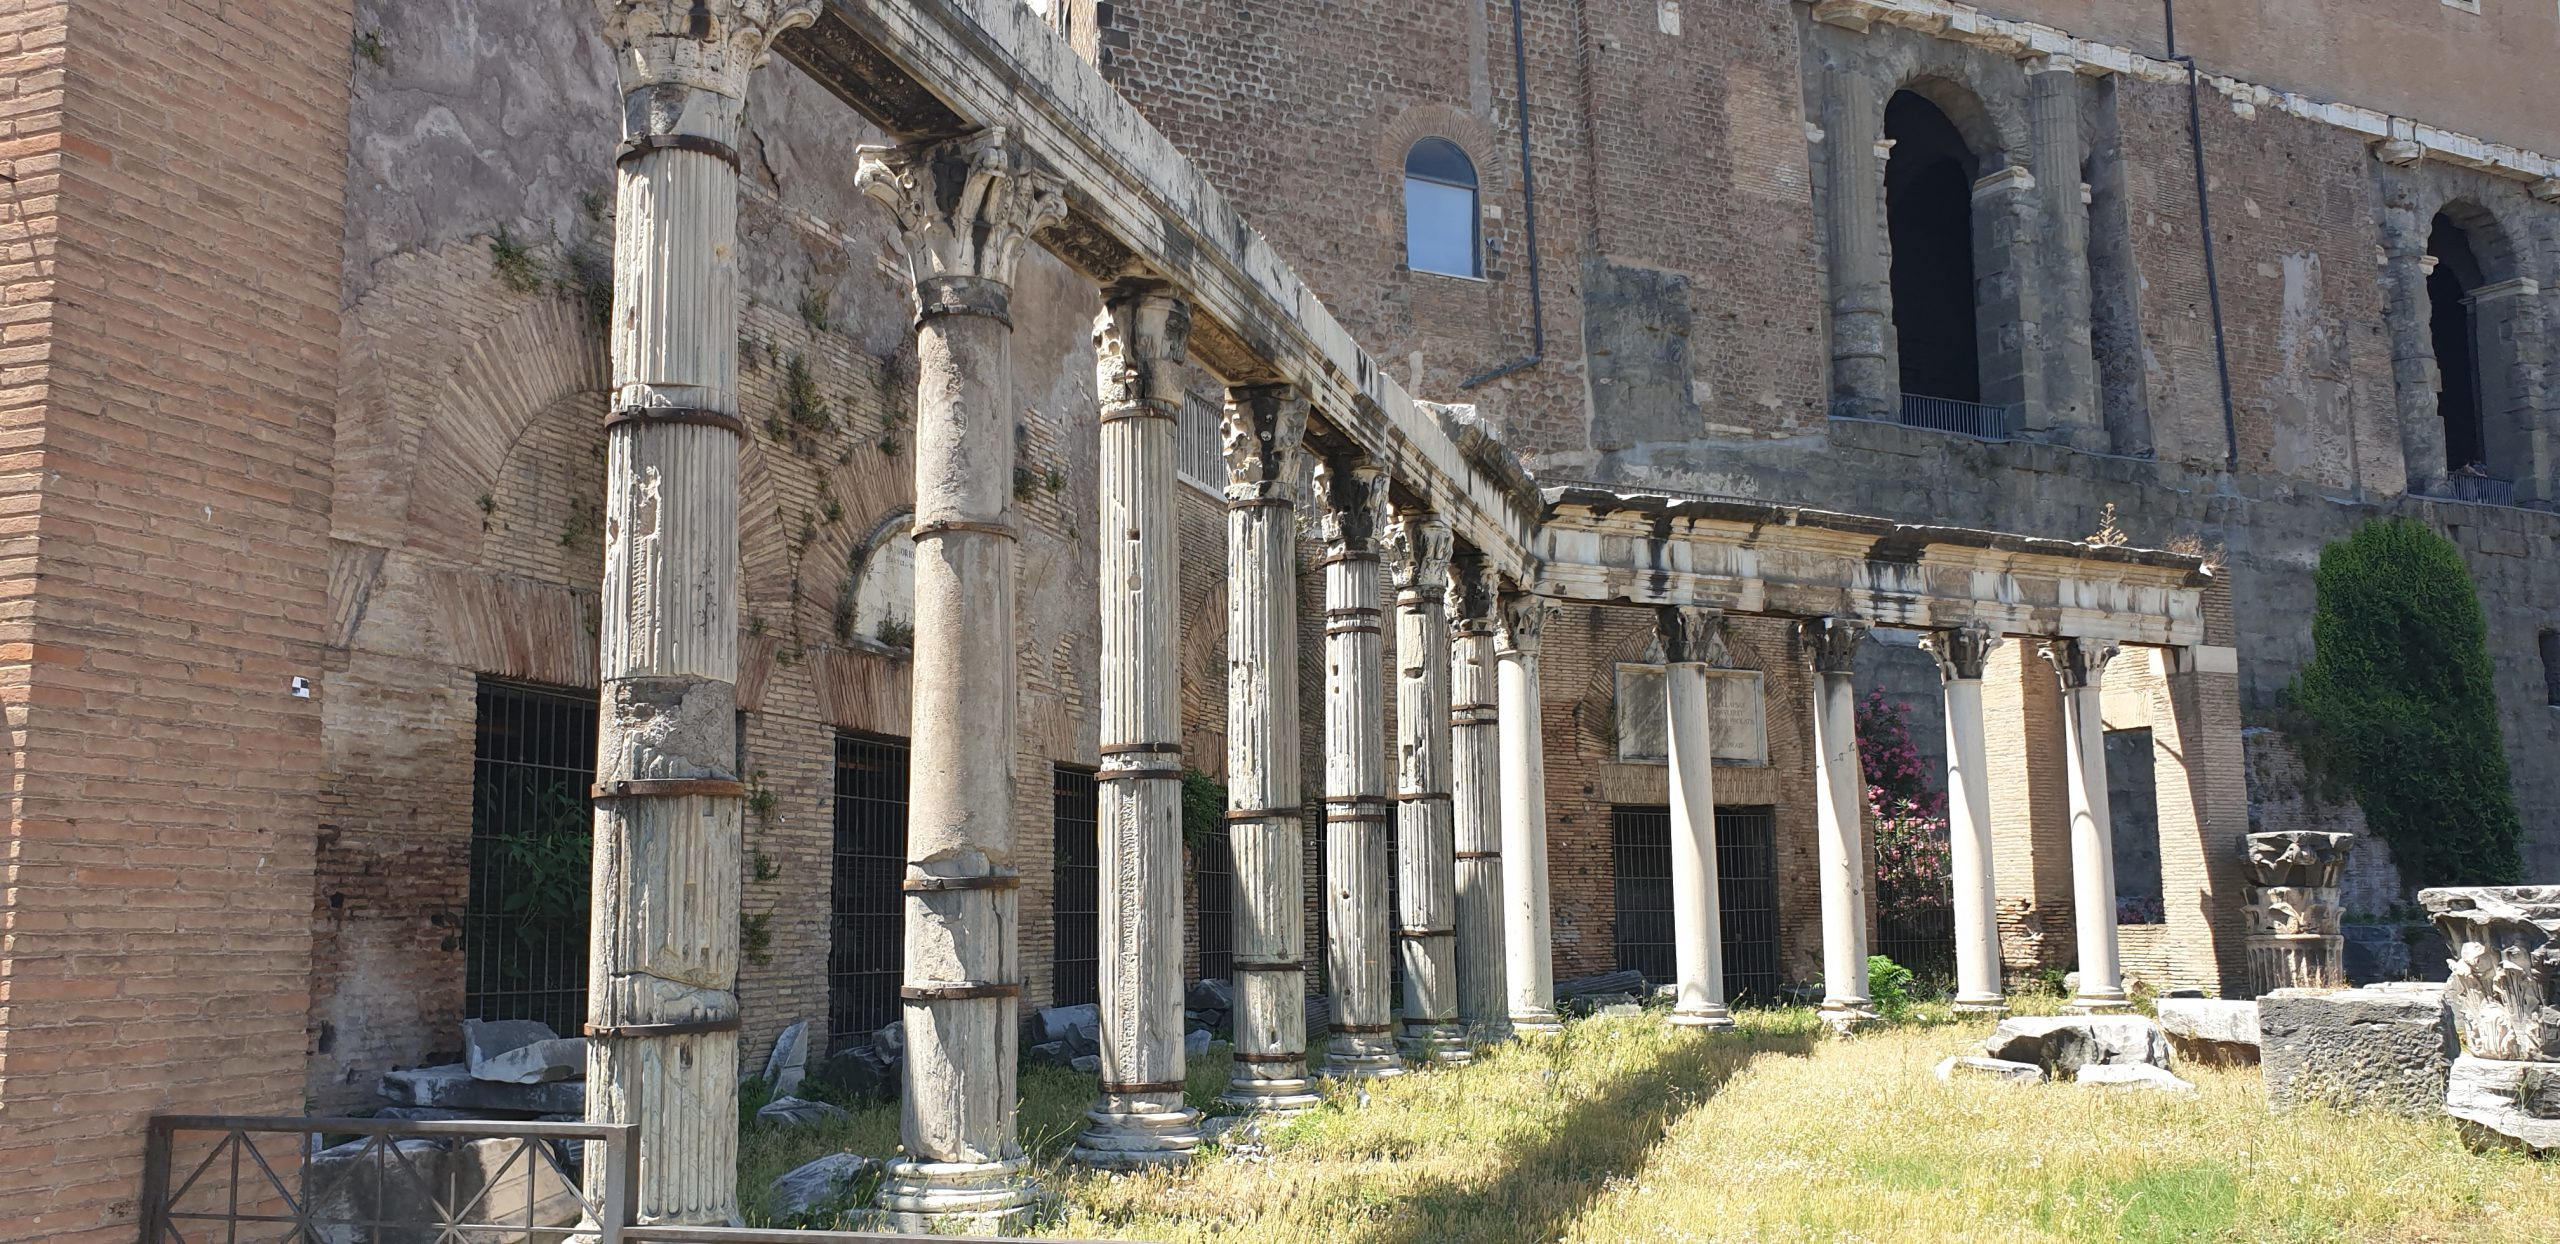 Portico of Harmonious Gods